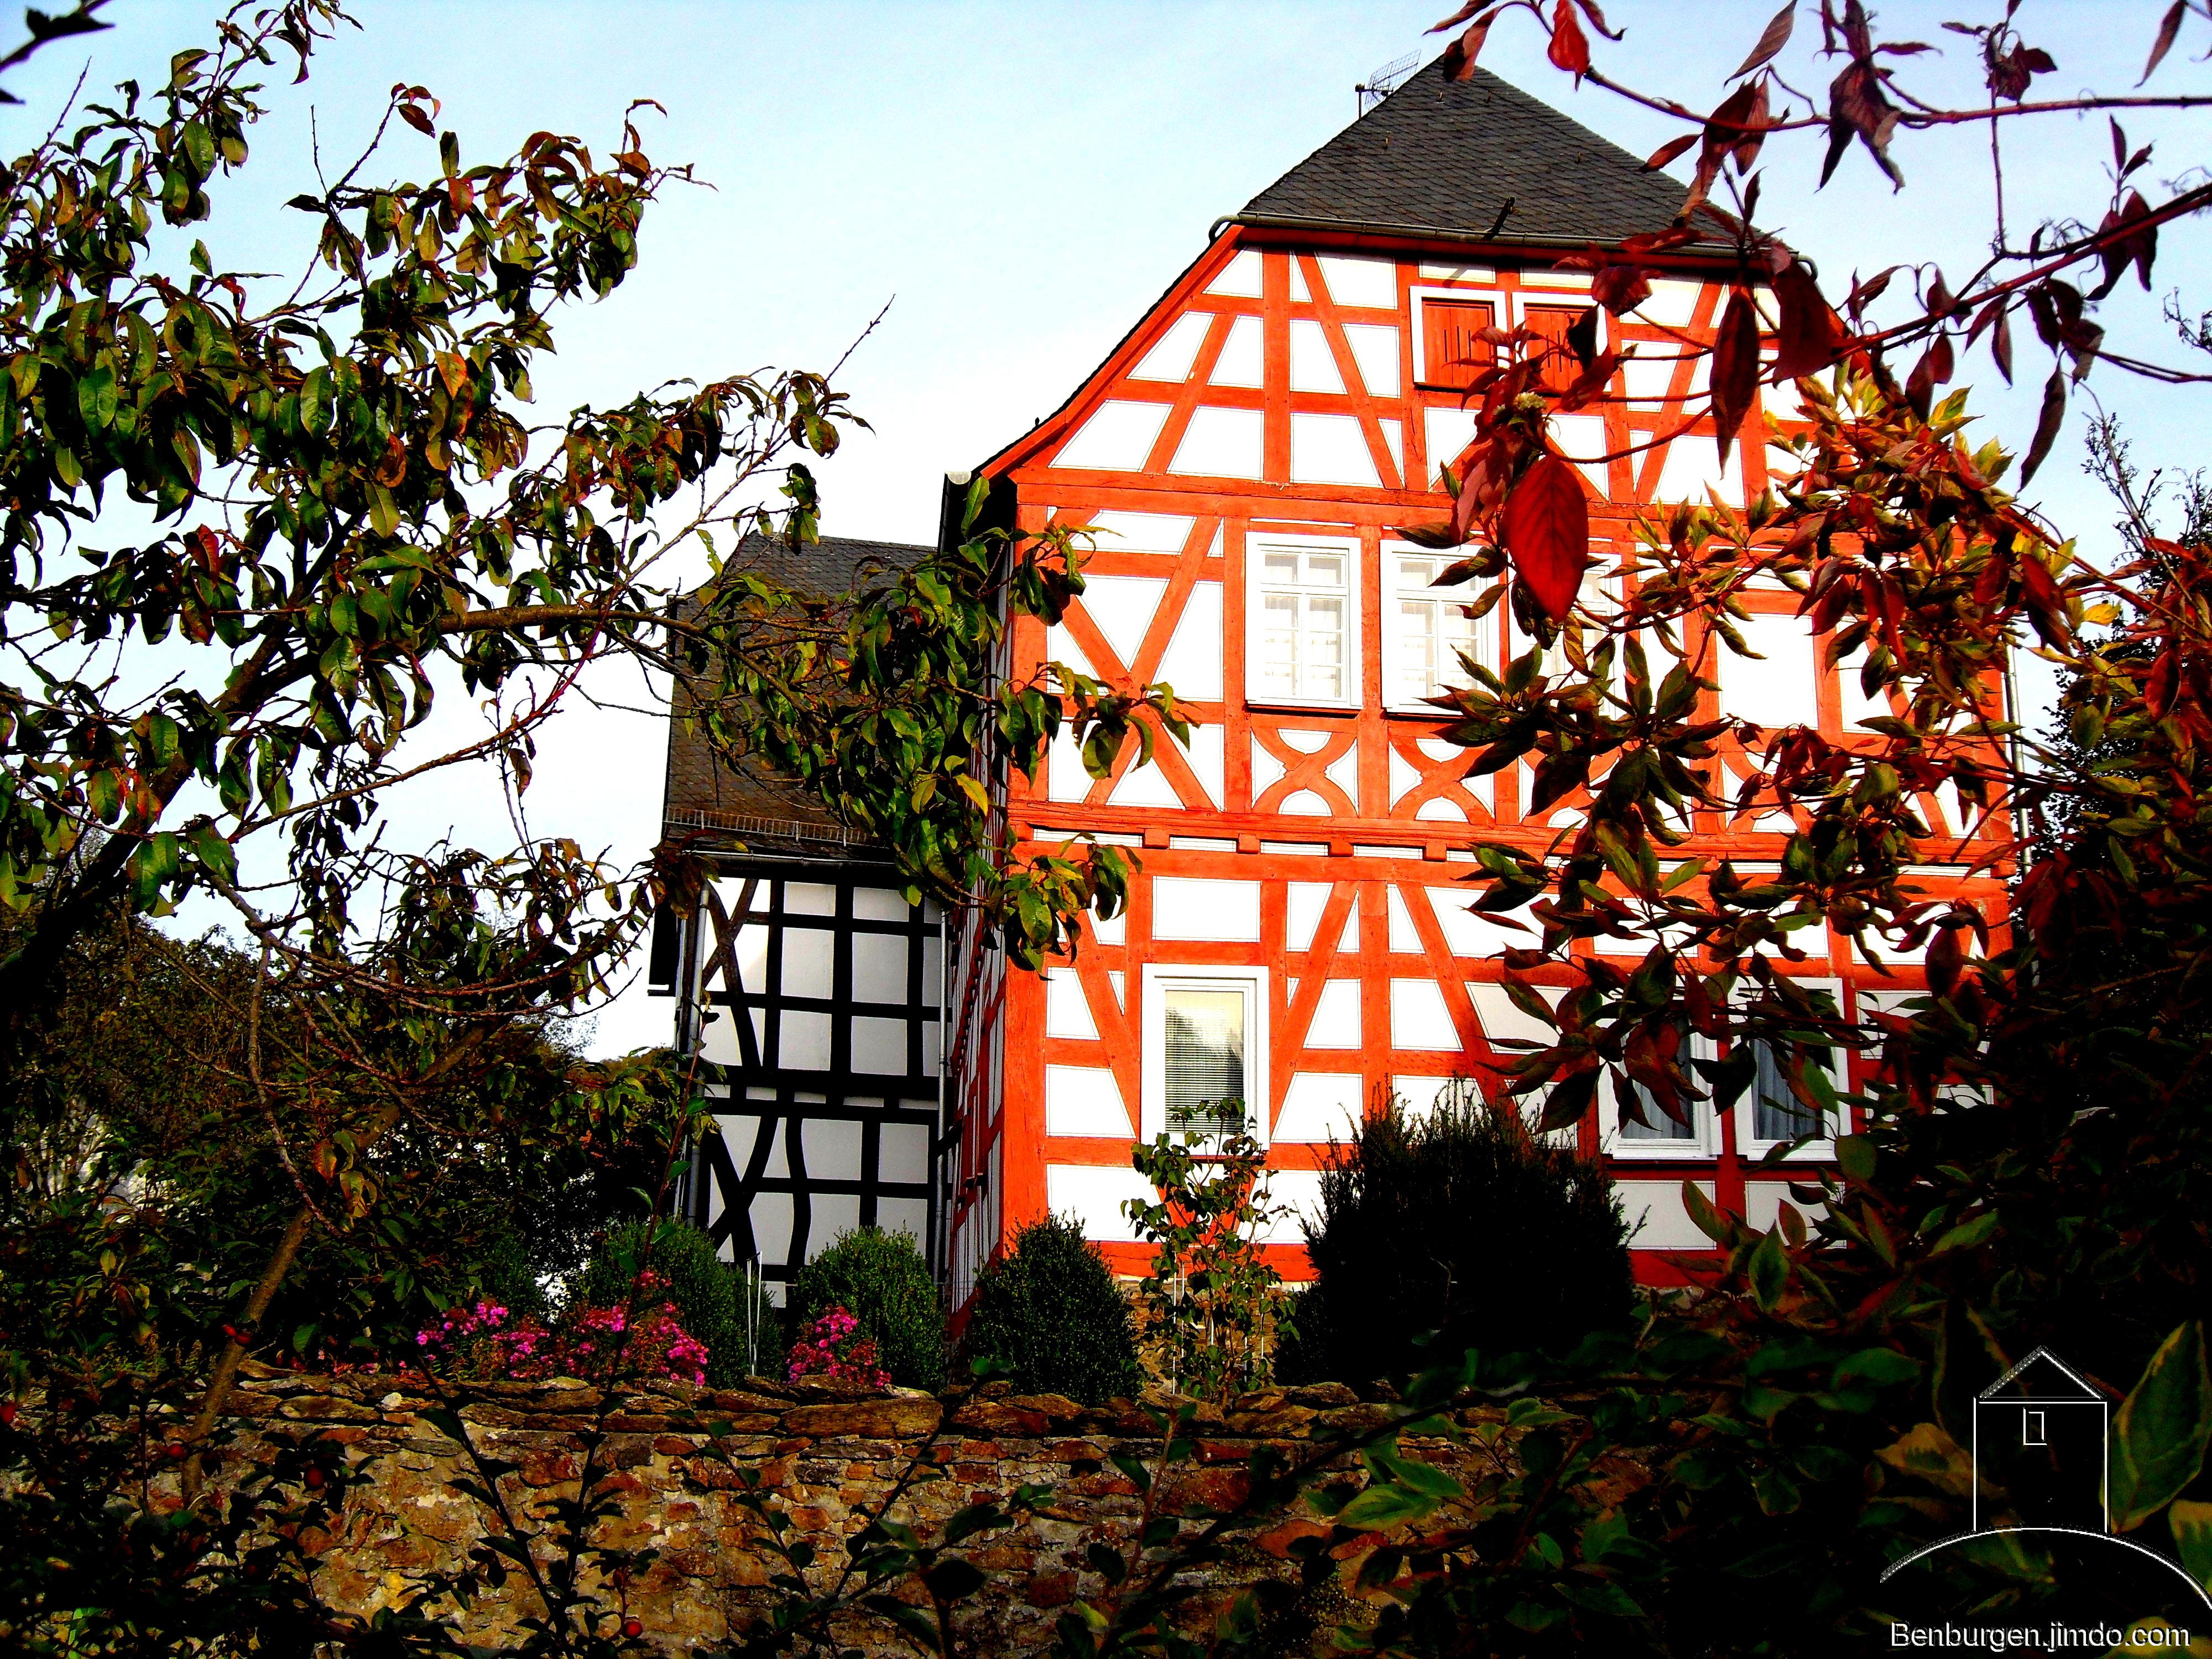 Foto: Burg Elkershausen bei Elkershausen